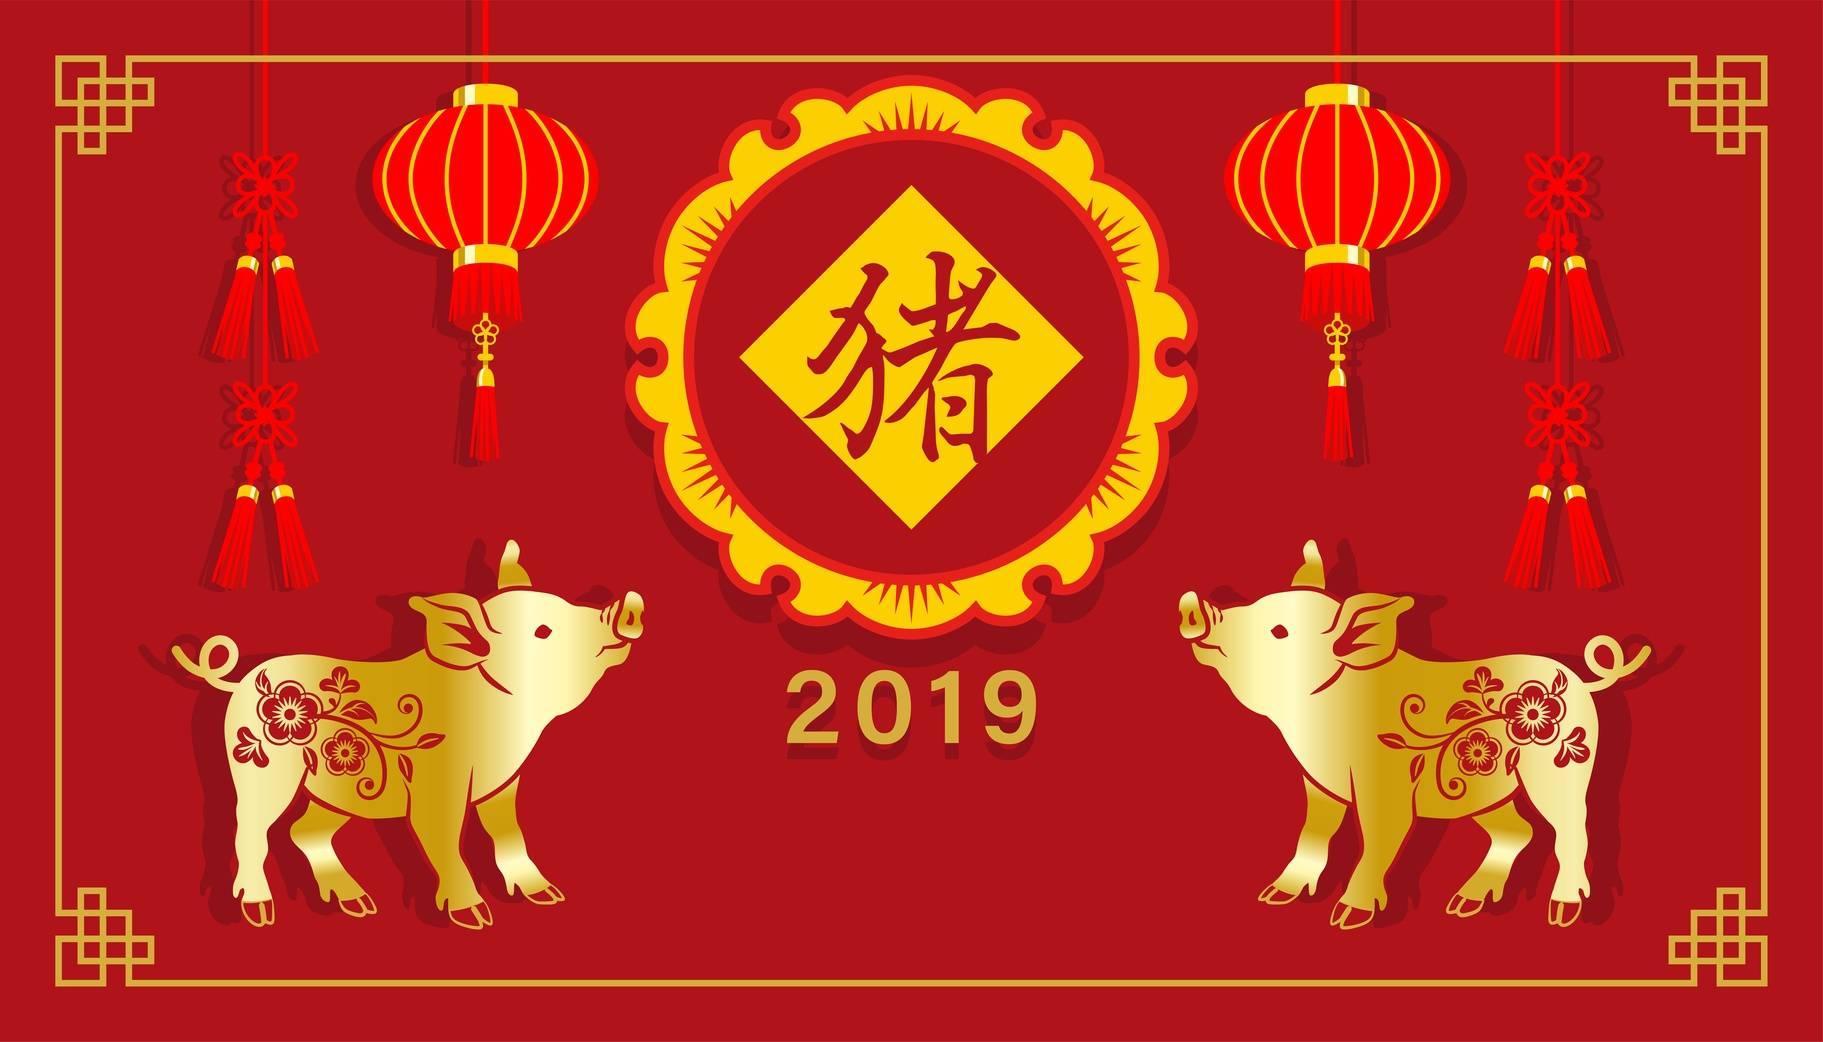 Chiński zodiak - 2019 rok świni.